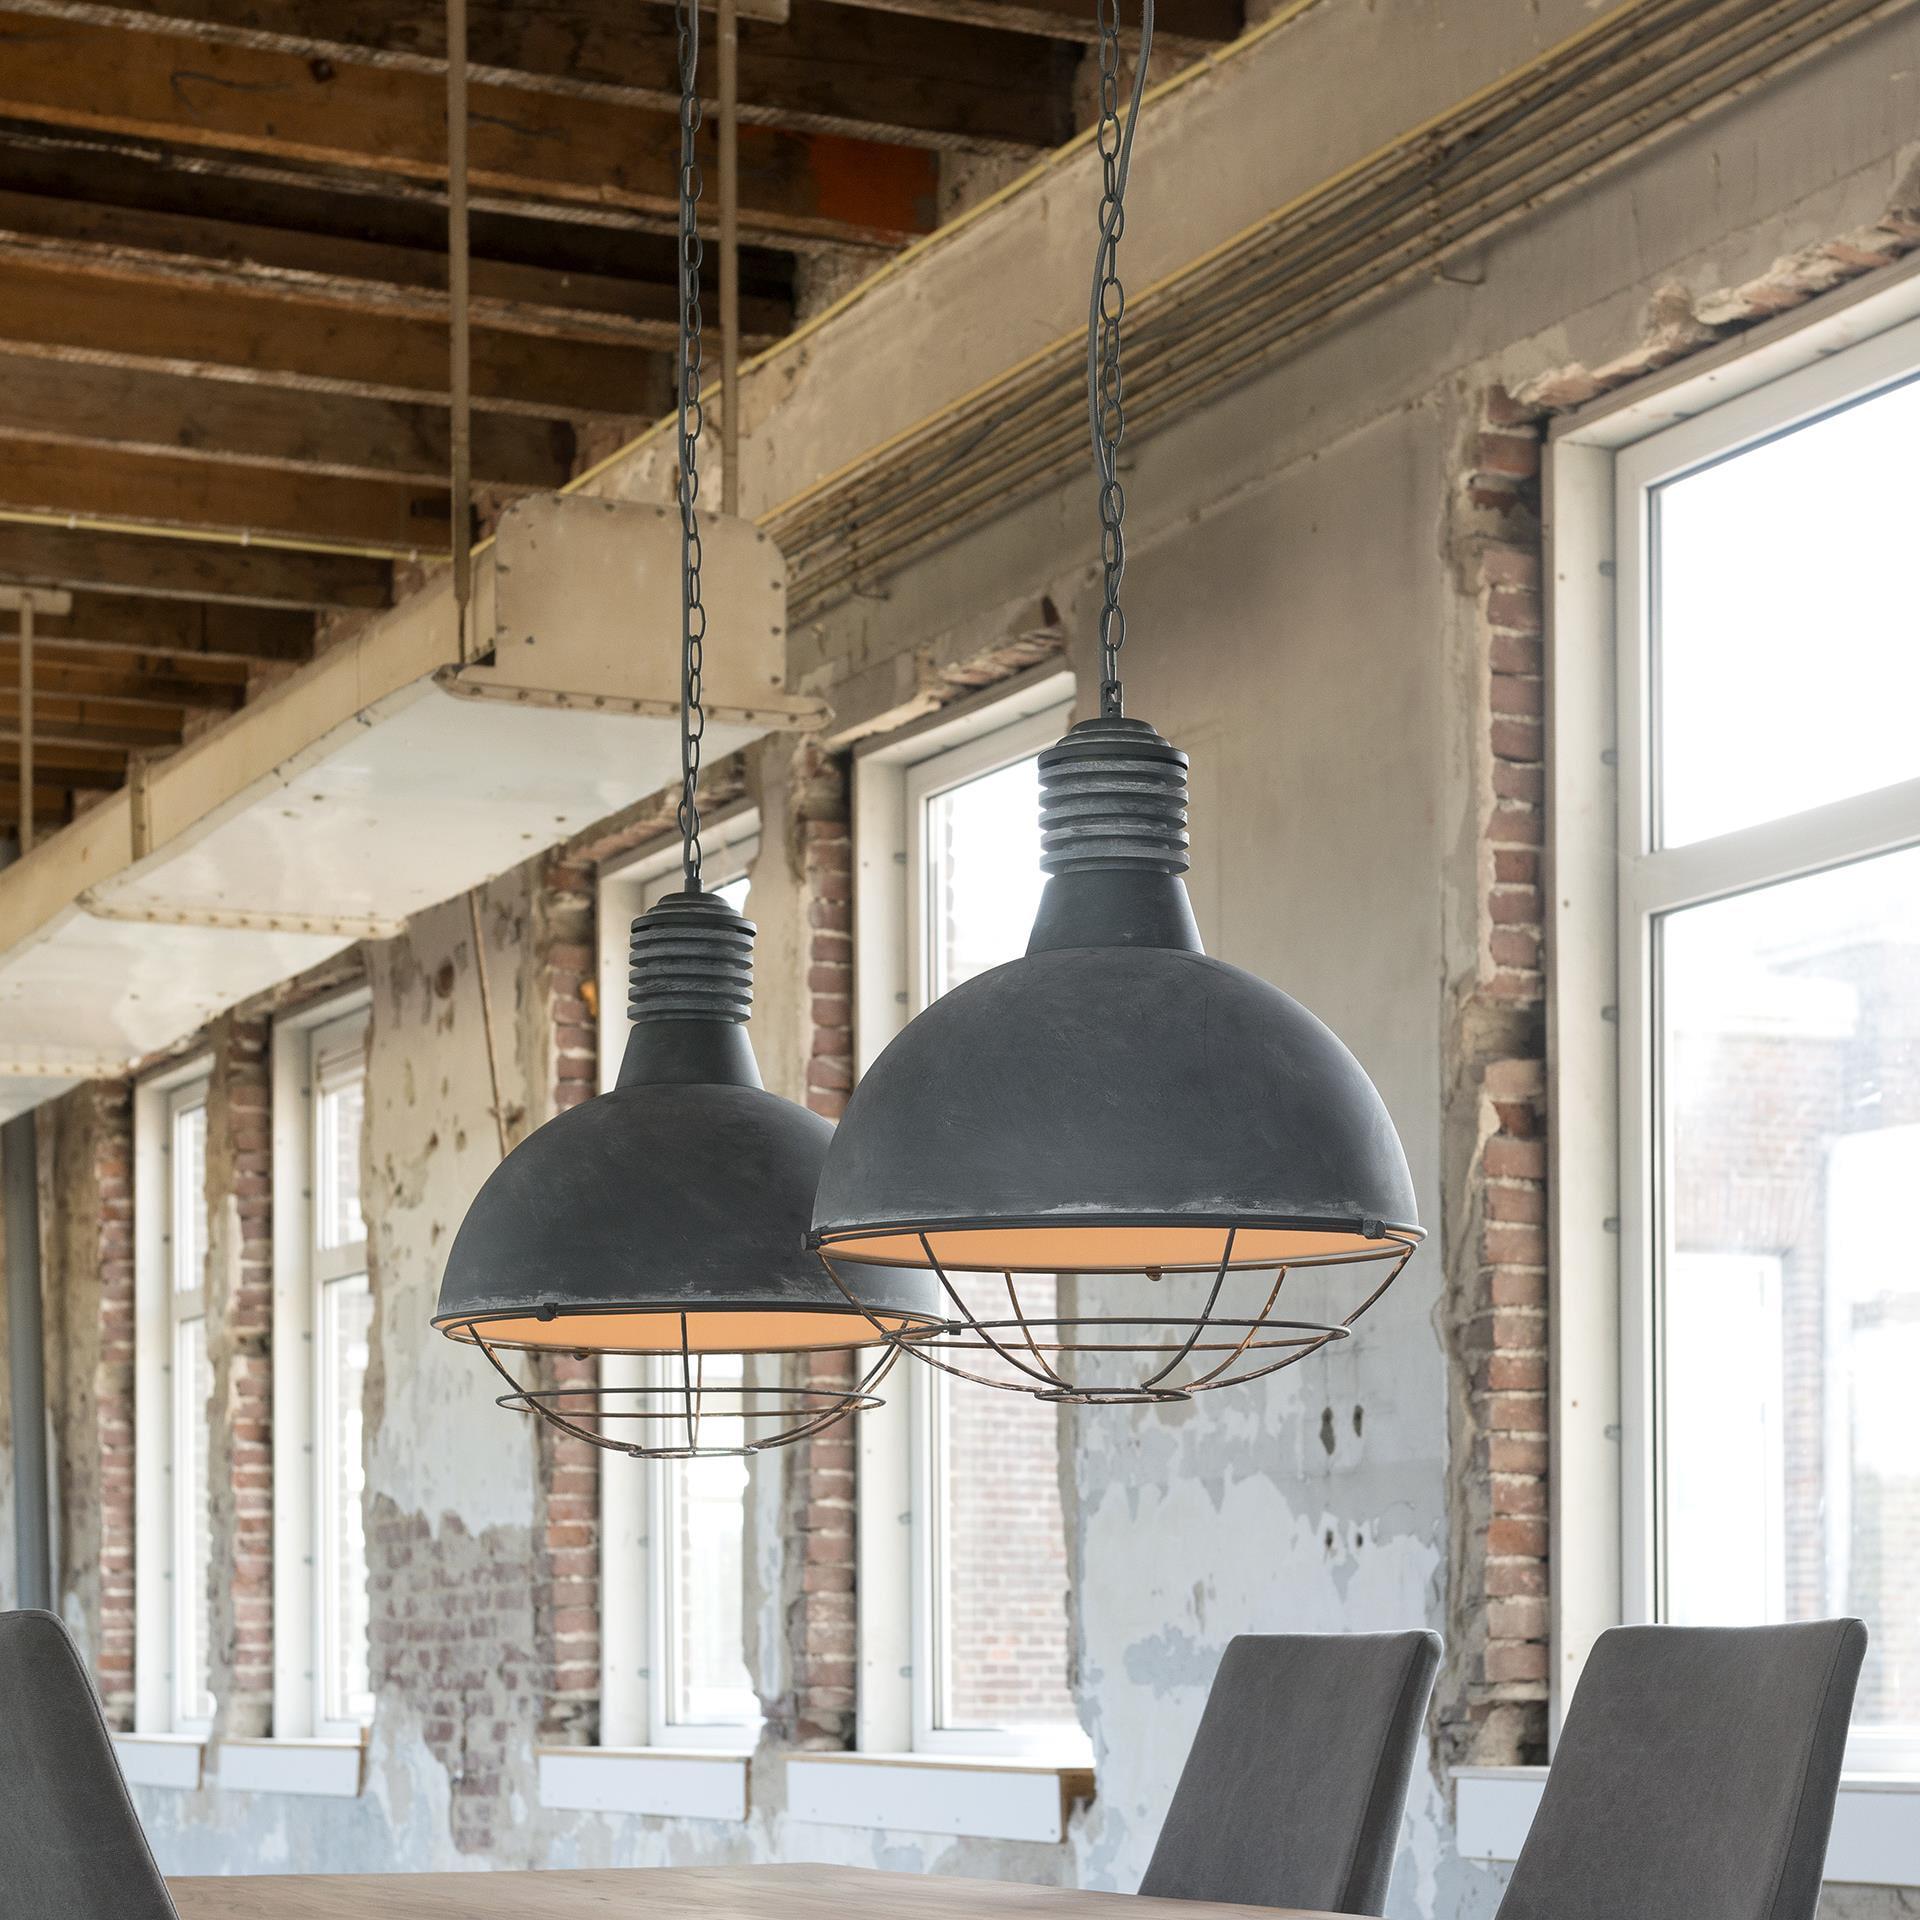 Industriële Hanglamp 'Trevon' met dubbele kap in betonlook, 41cm Verlichting | Hanglampen vergelijken doe je het voordeligst hier bij Meubelpartner